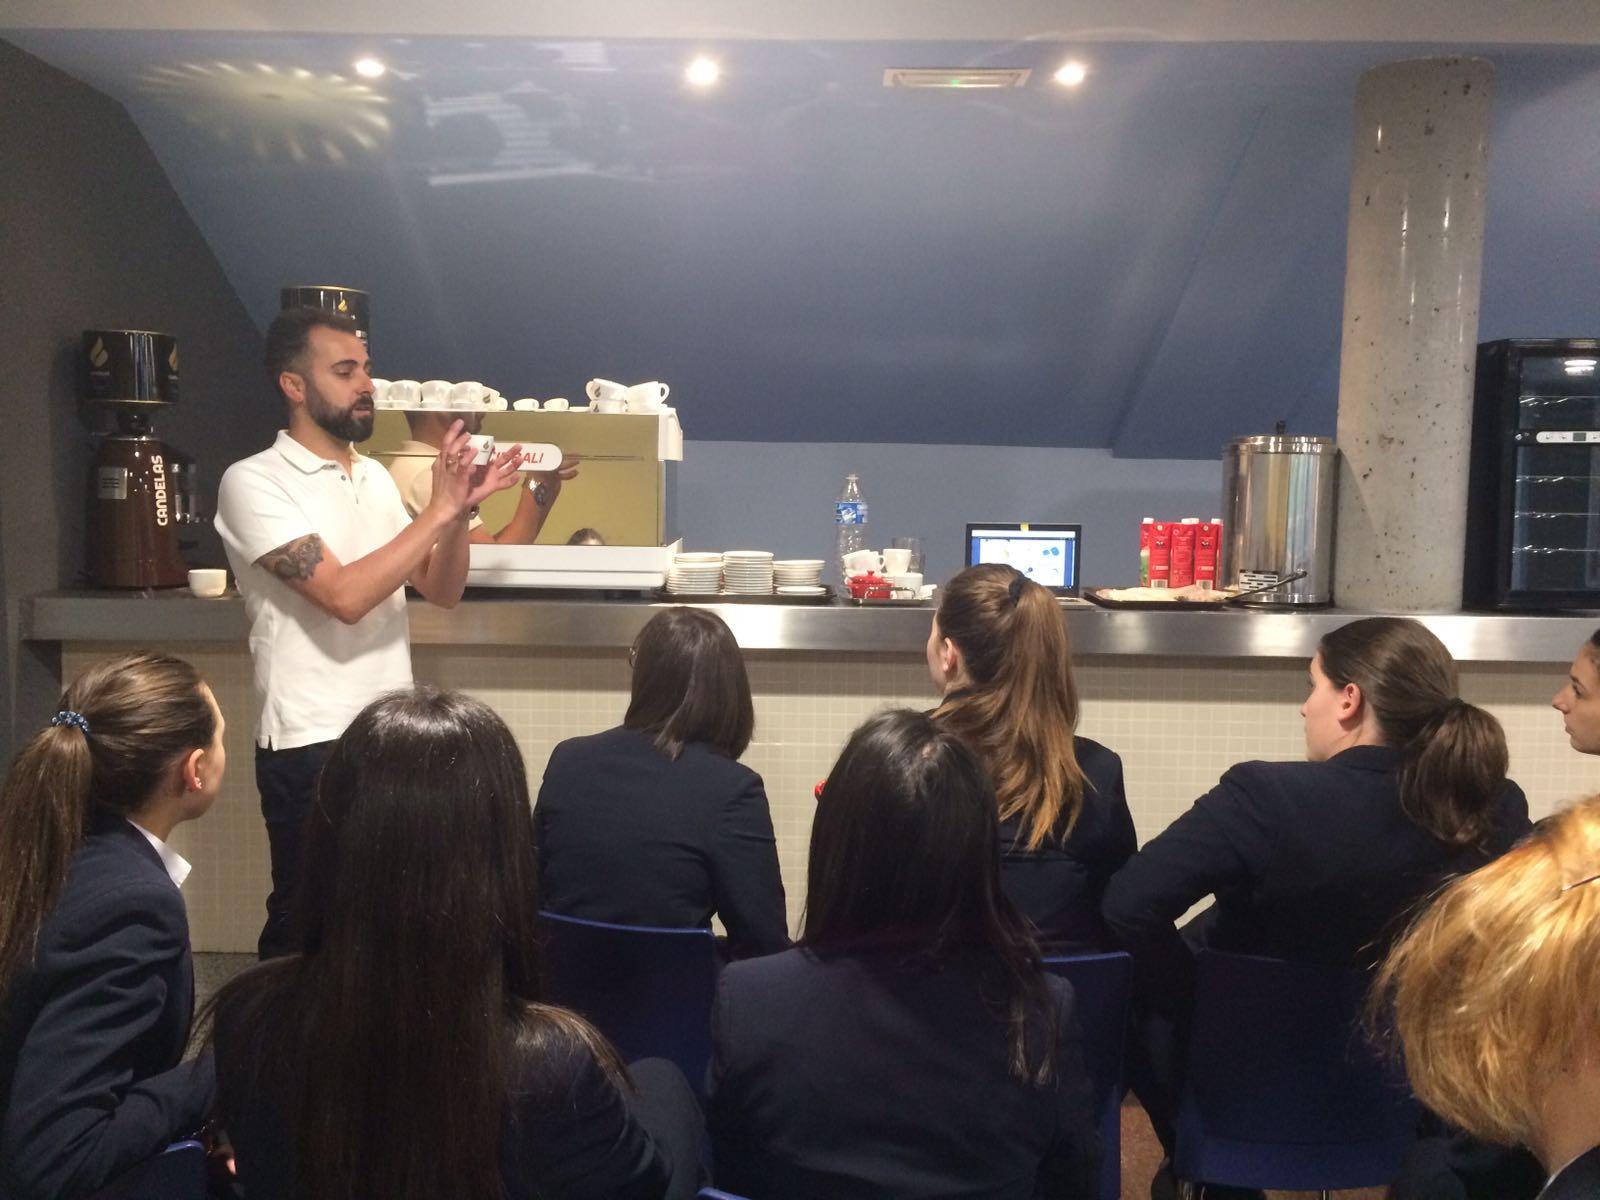 Acuerdo de colaboración entre Café Candelas y la Escuela Alcazarén